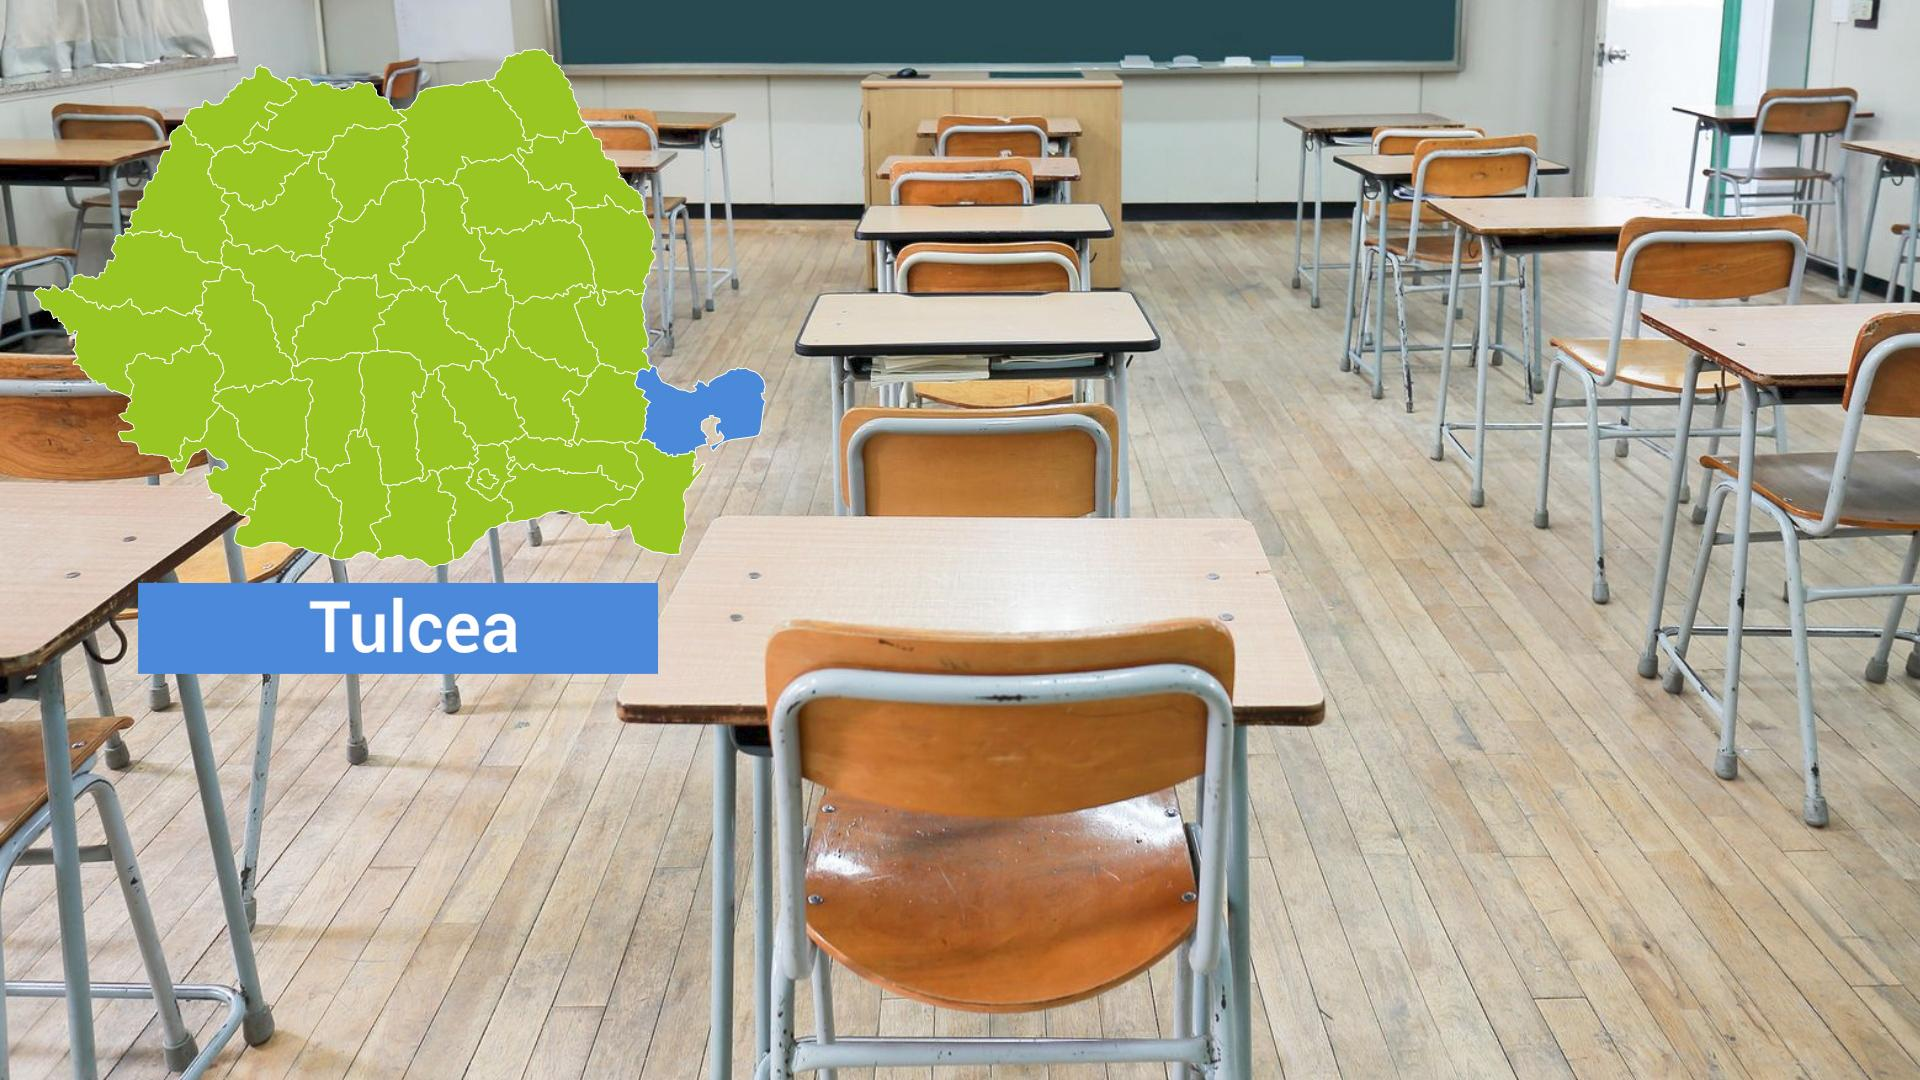 Situația școlilor și grădinițelor din județul Tulcea în noul an școlar